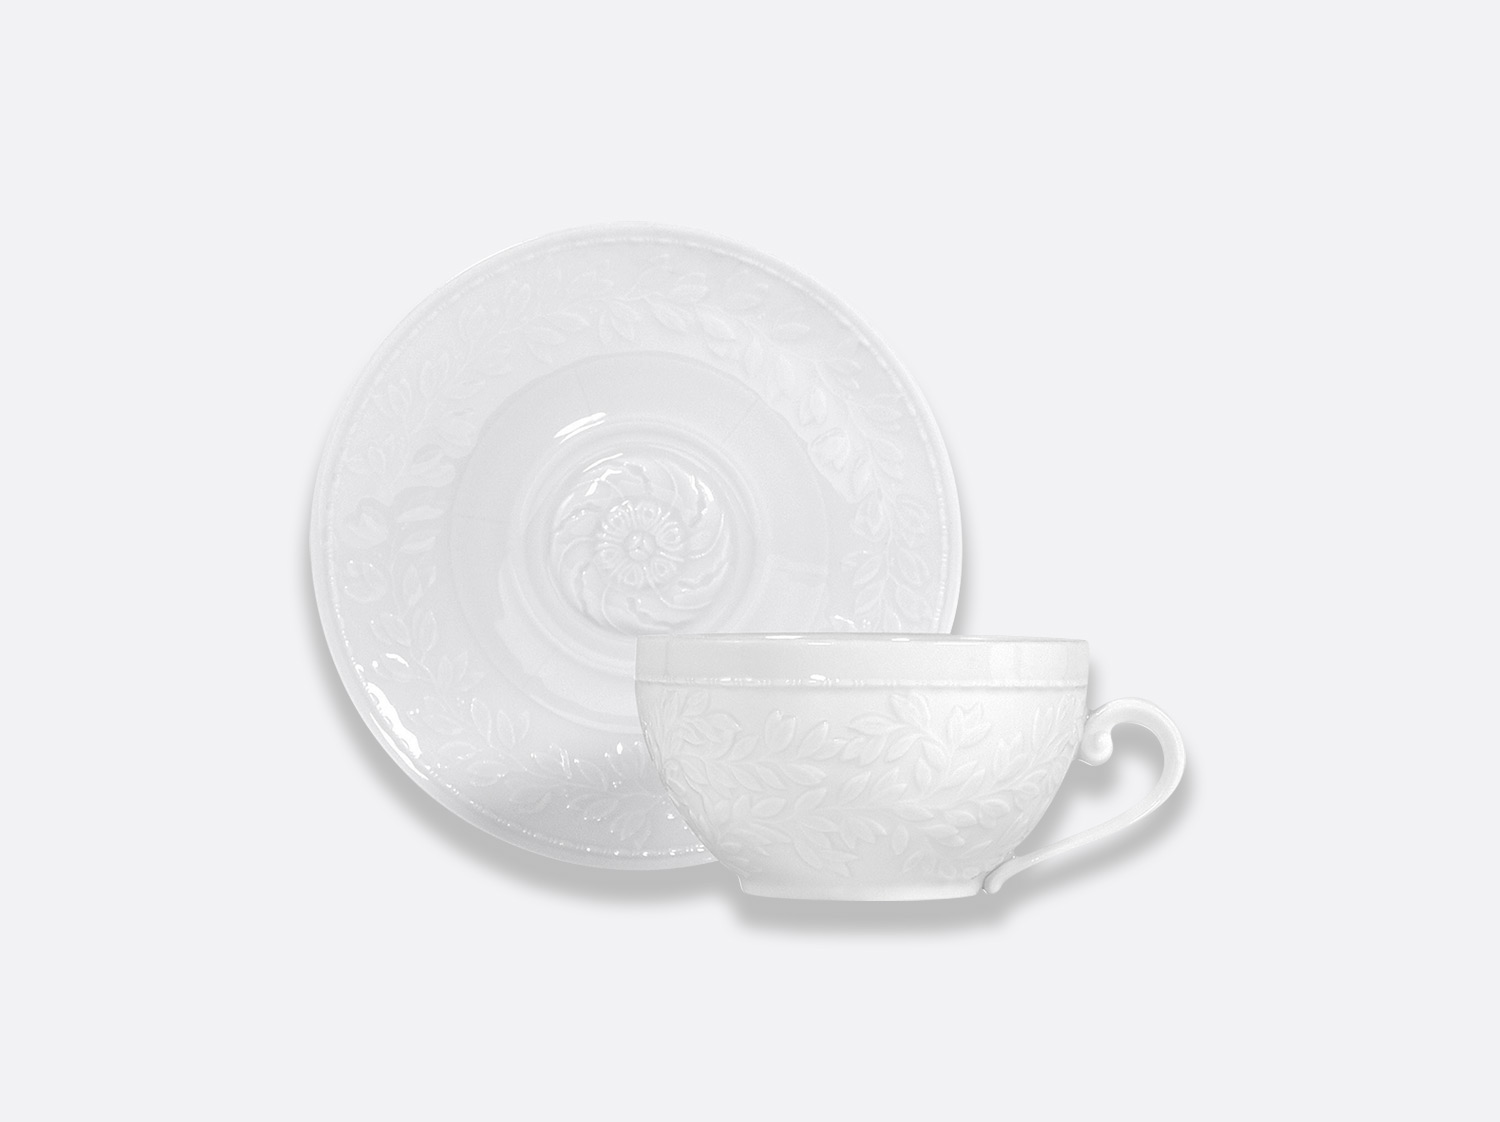 Tasse et soucoupe jumbo 30 cl en porcelaine de la collection Louvre Bernardaud